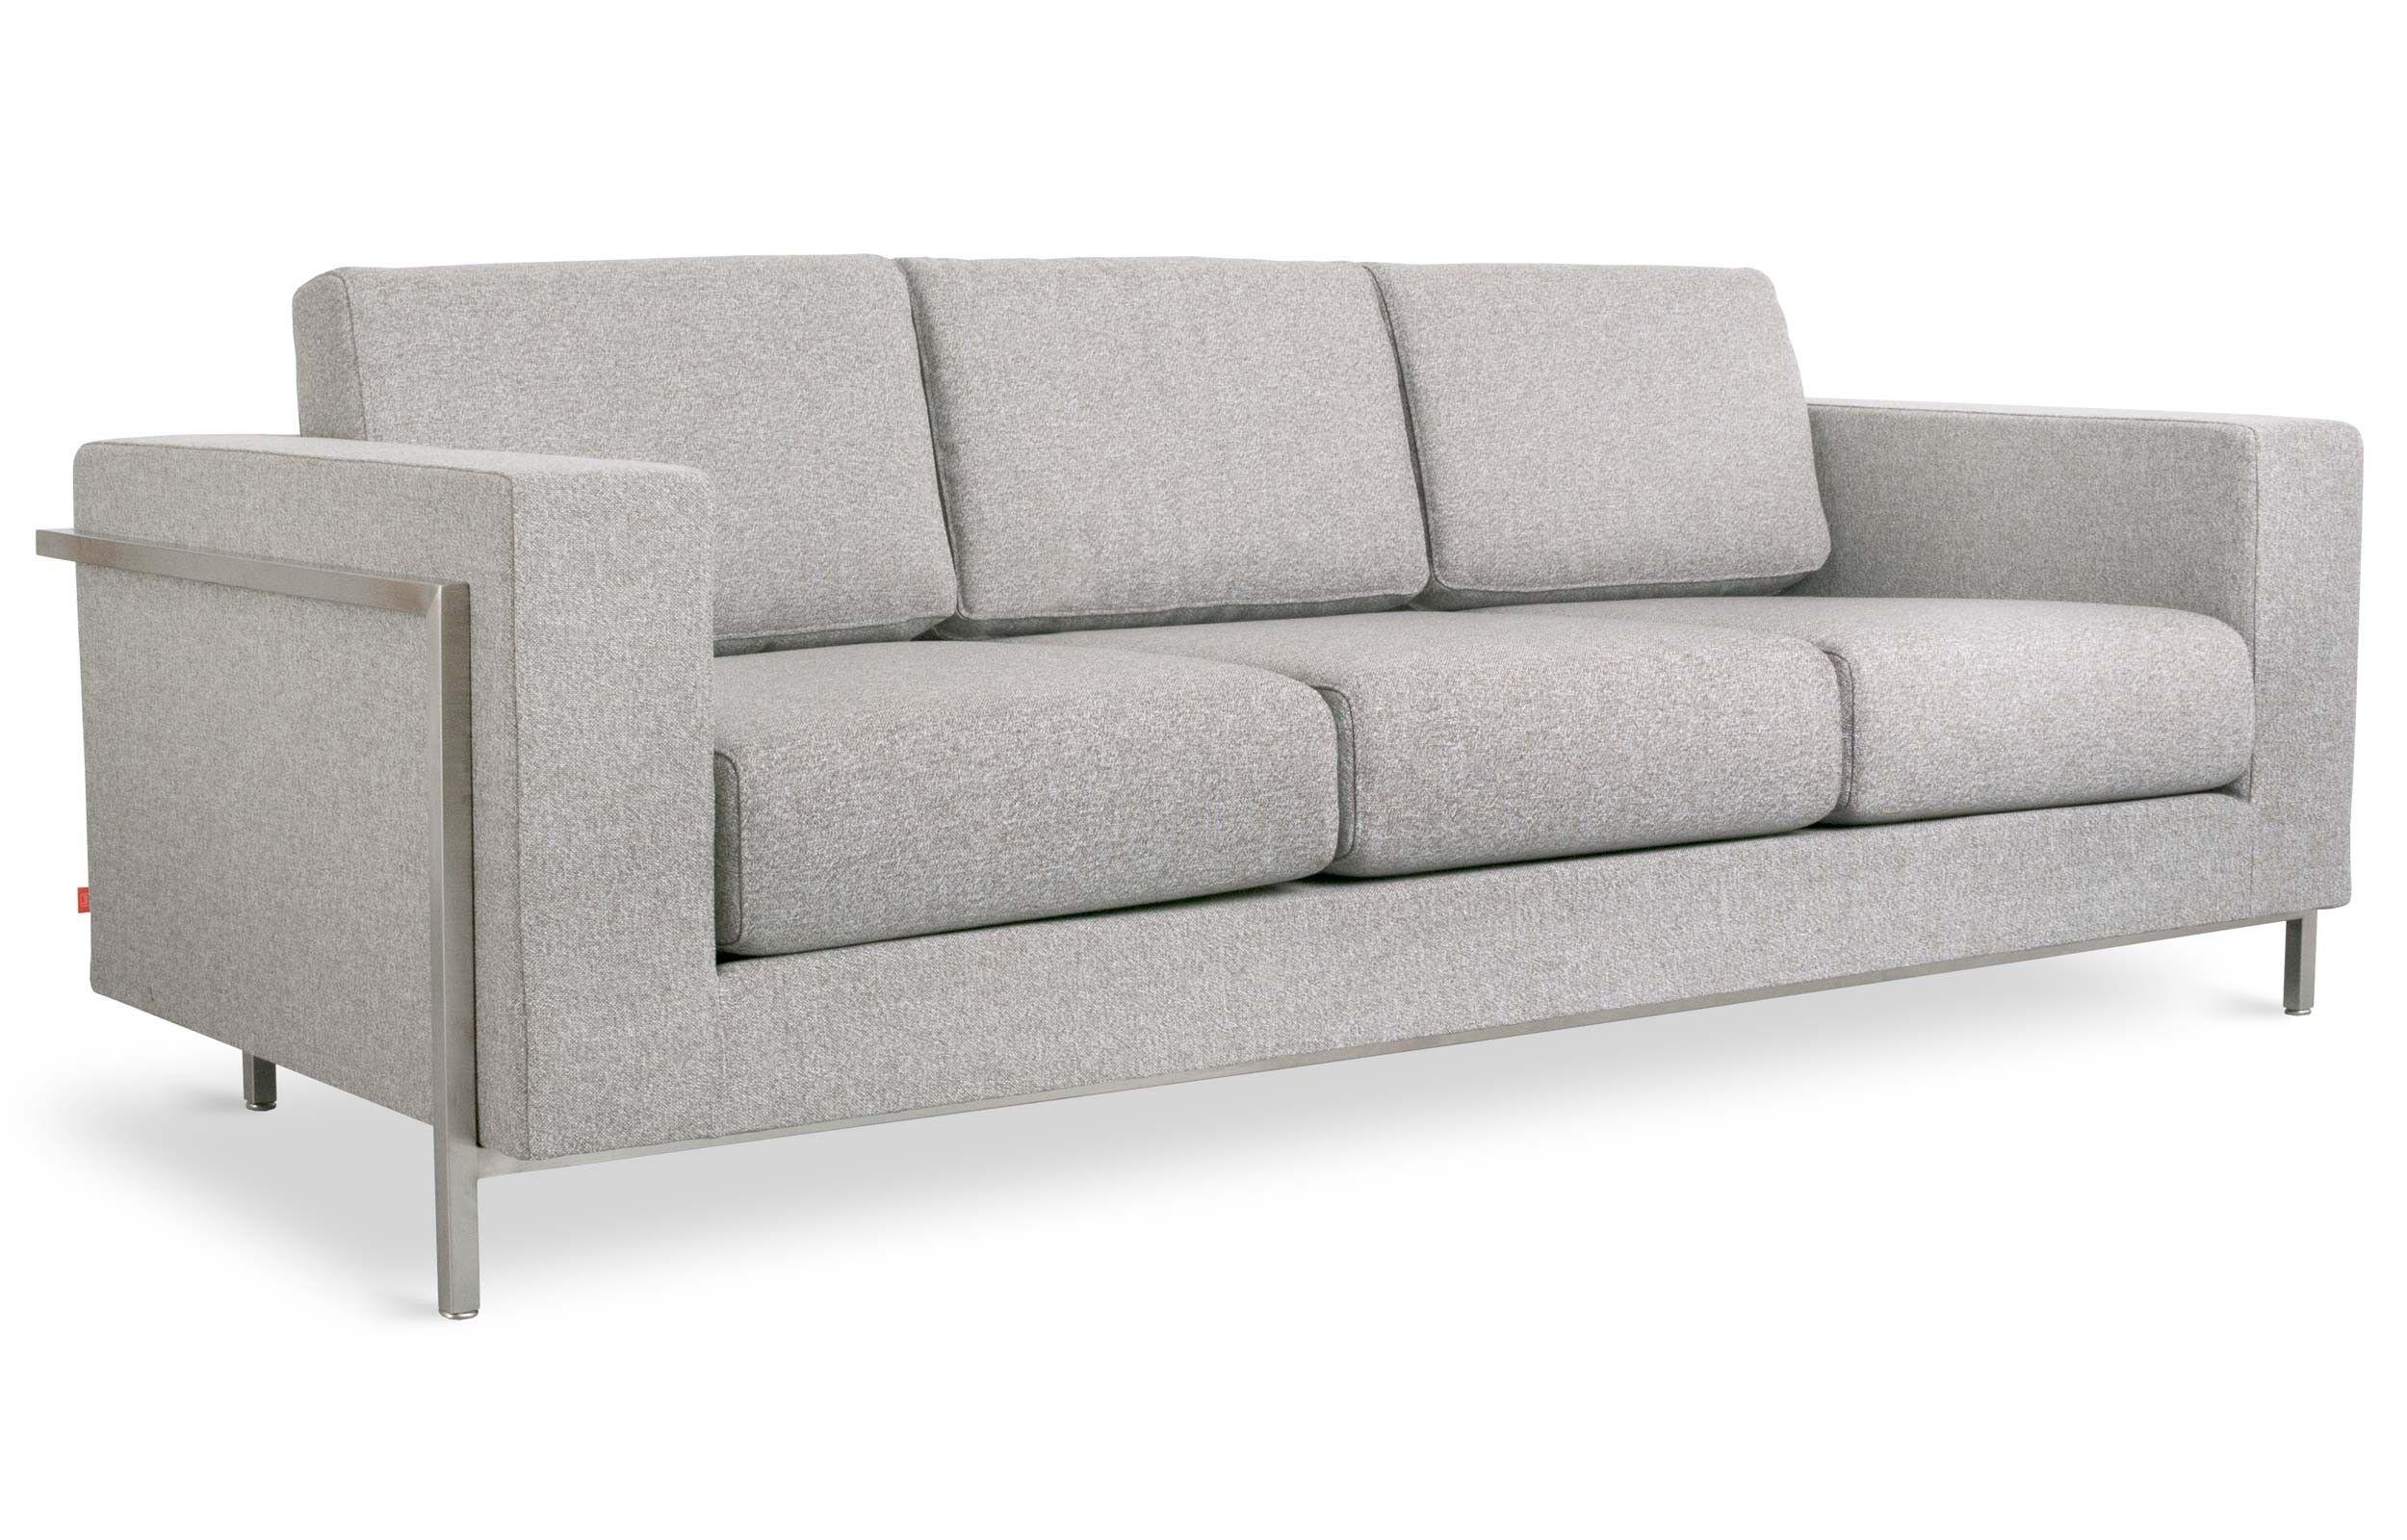 davenport sofa  viesso  coursera idea board  pinterest - davenport sofa  viesso